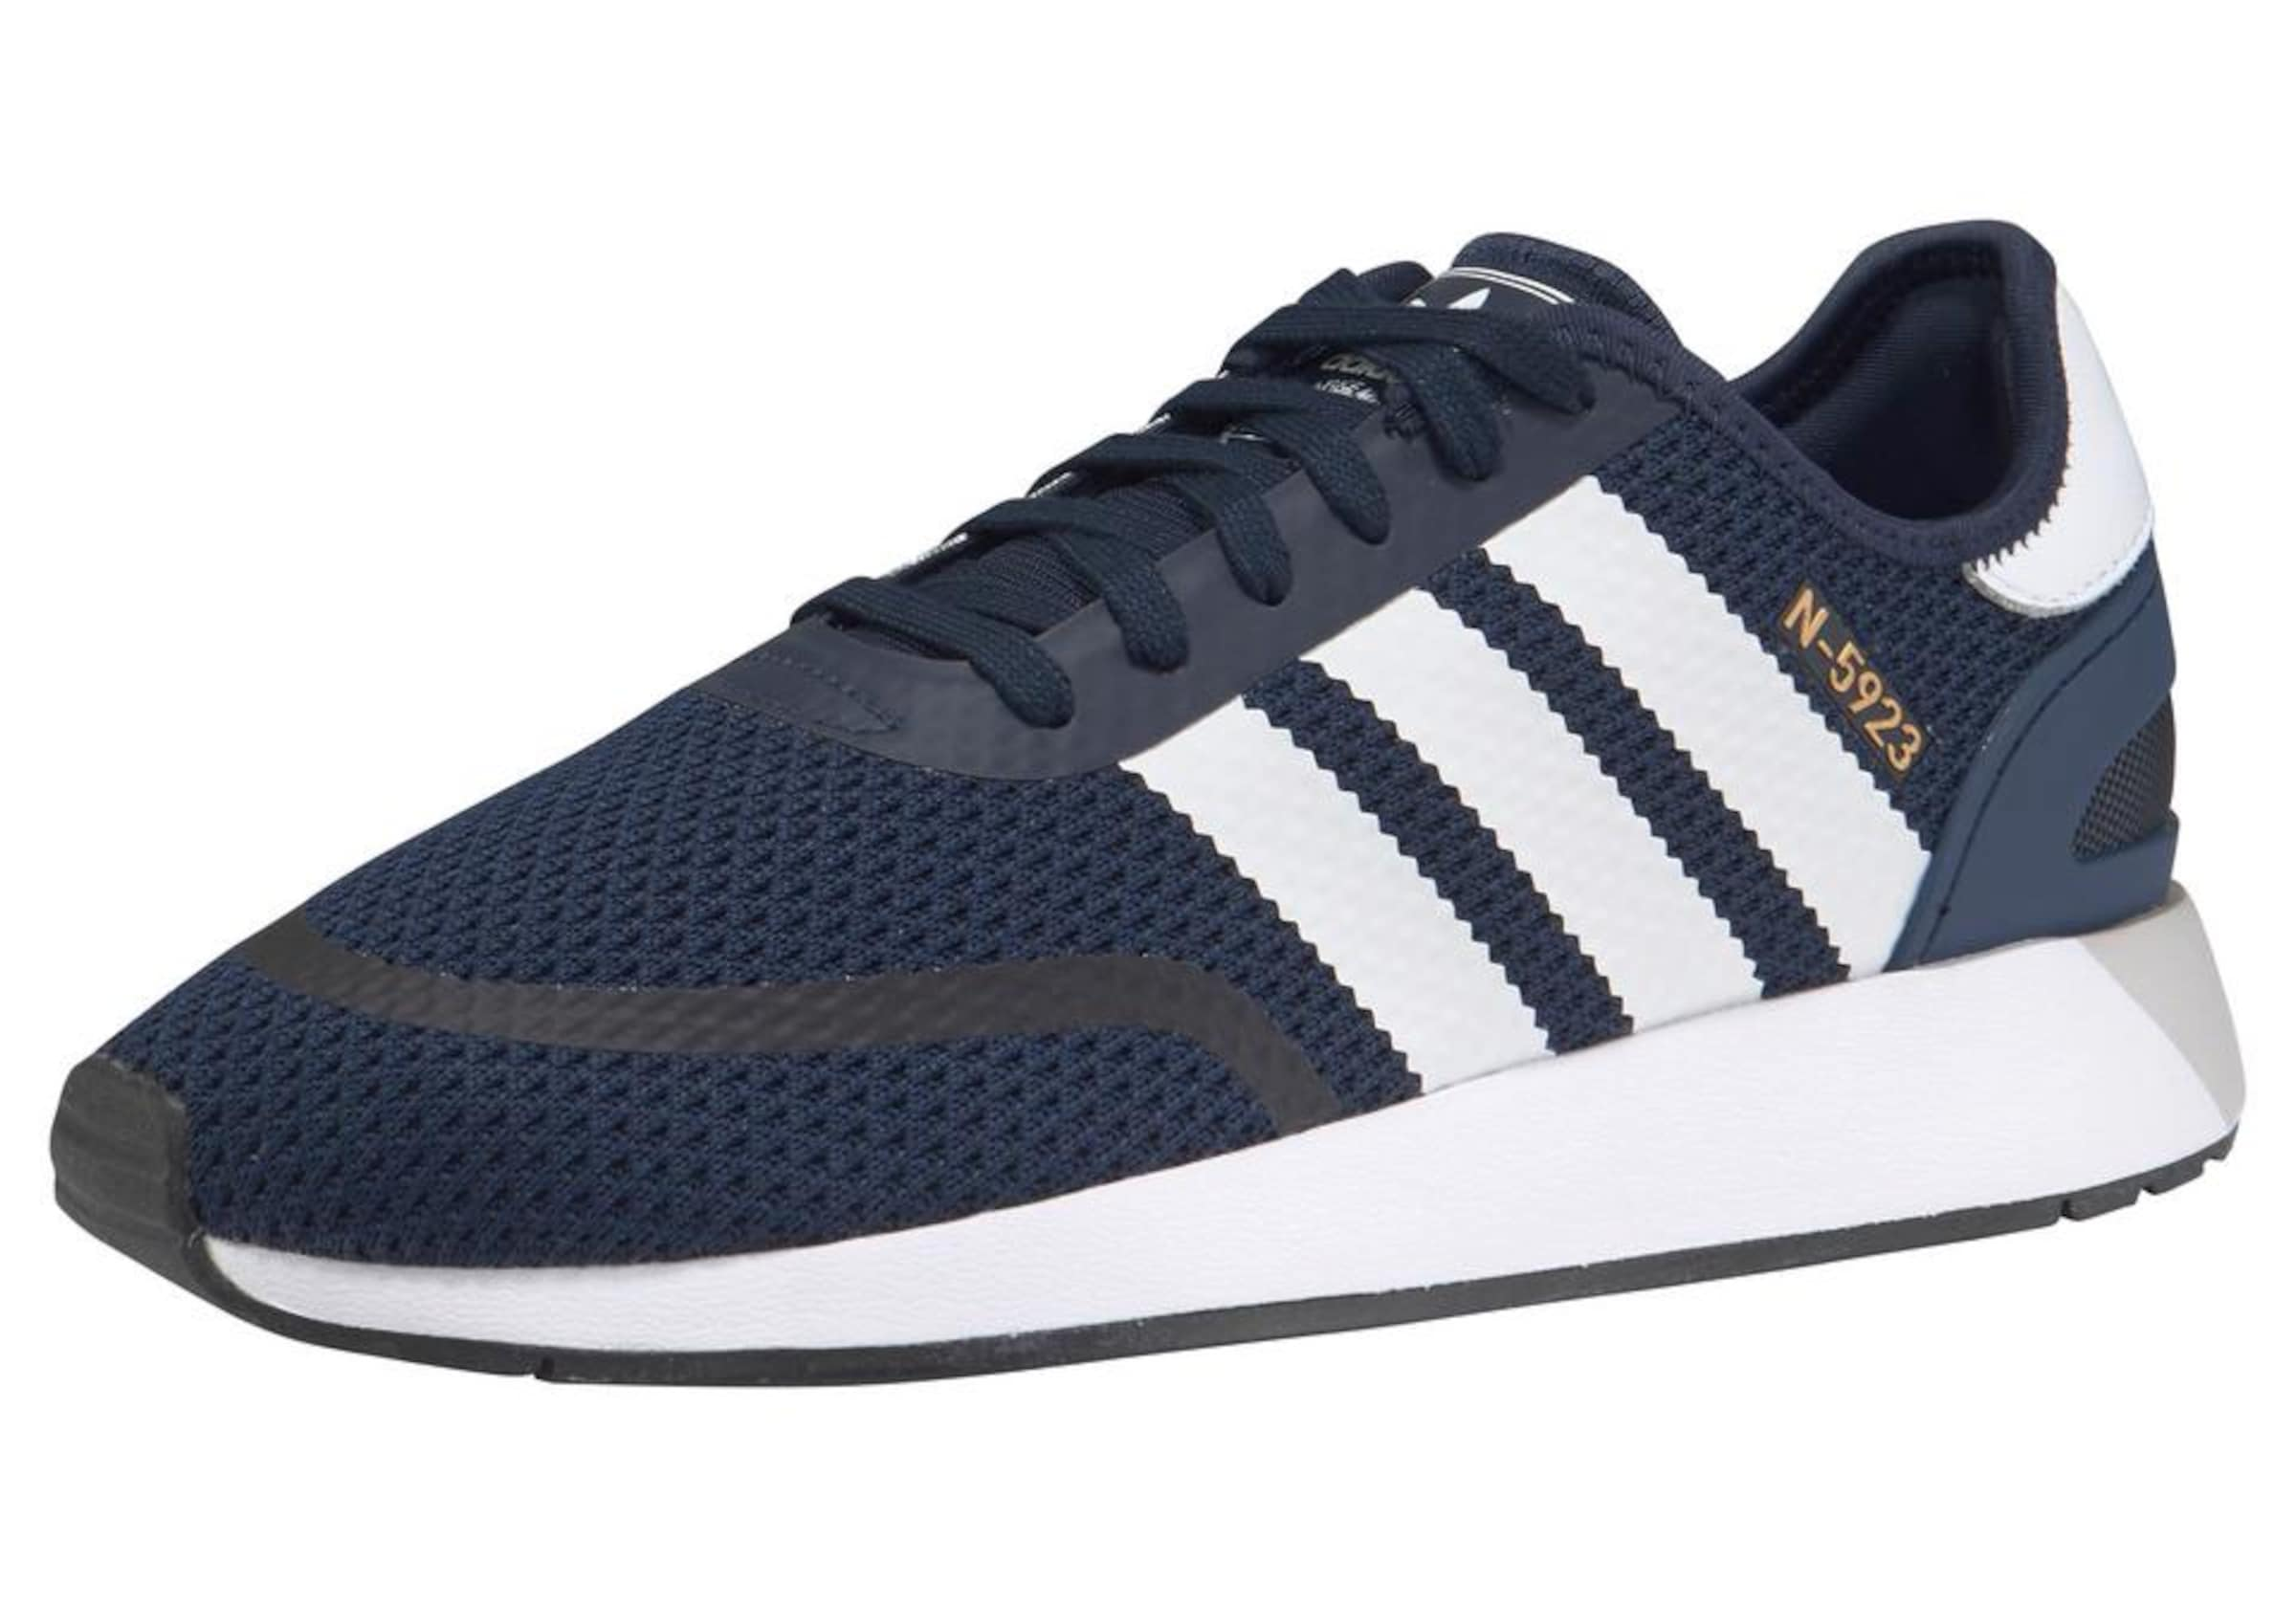 ADIDAS N-5923 ORIGINALS N-5923 ADIDAS Sneaker Günstige und langlebige Schuhe c70604